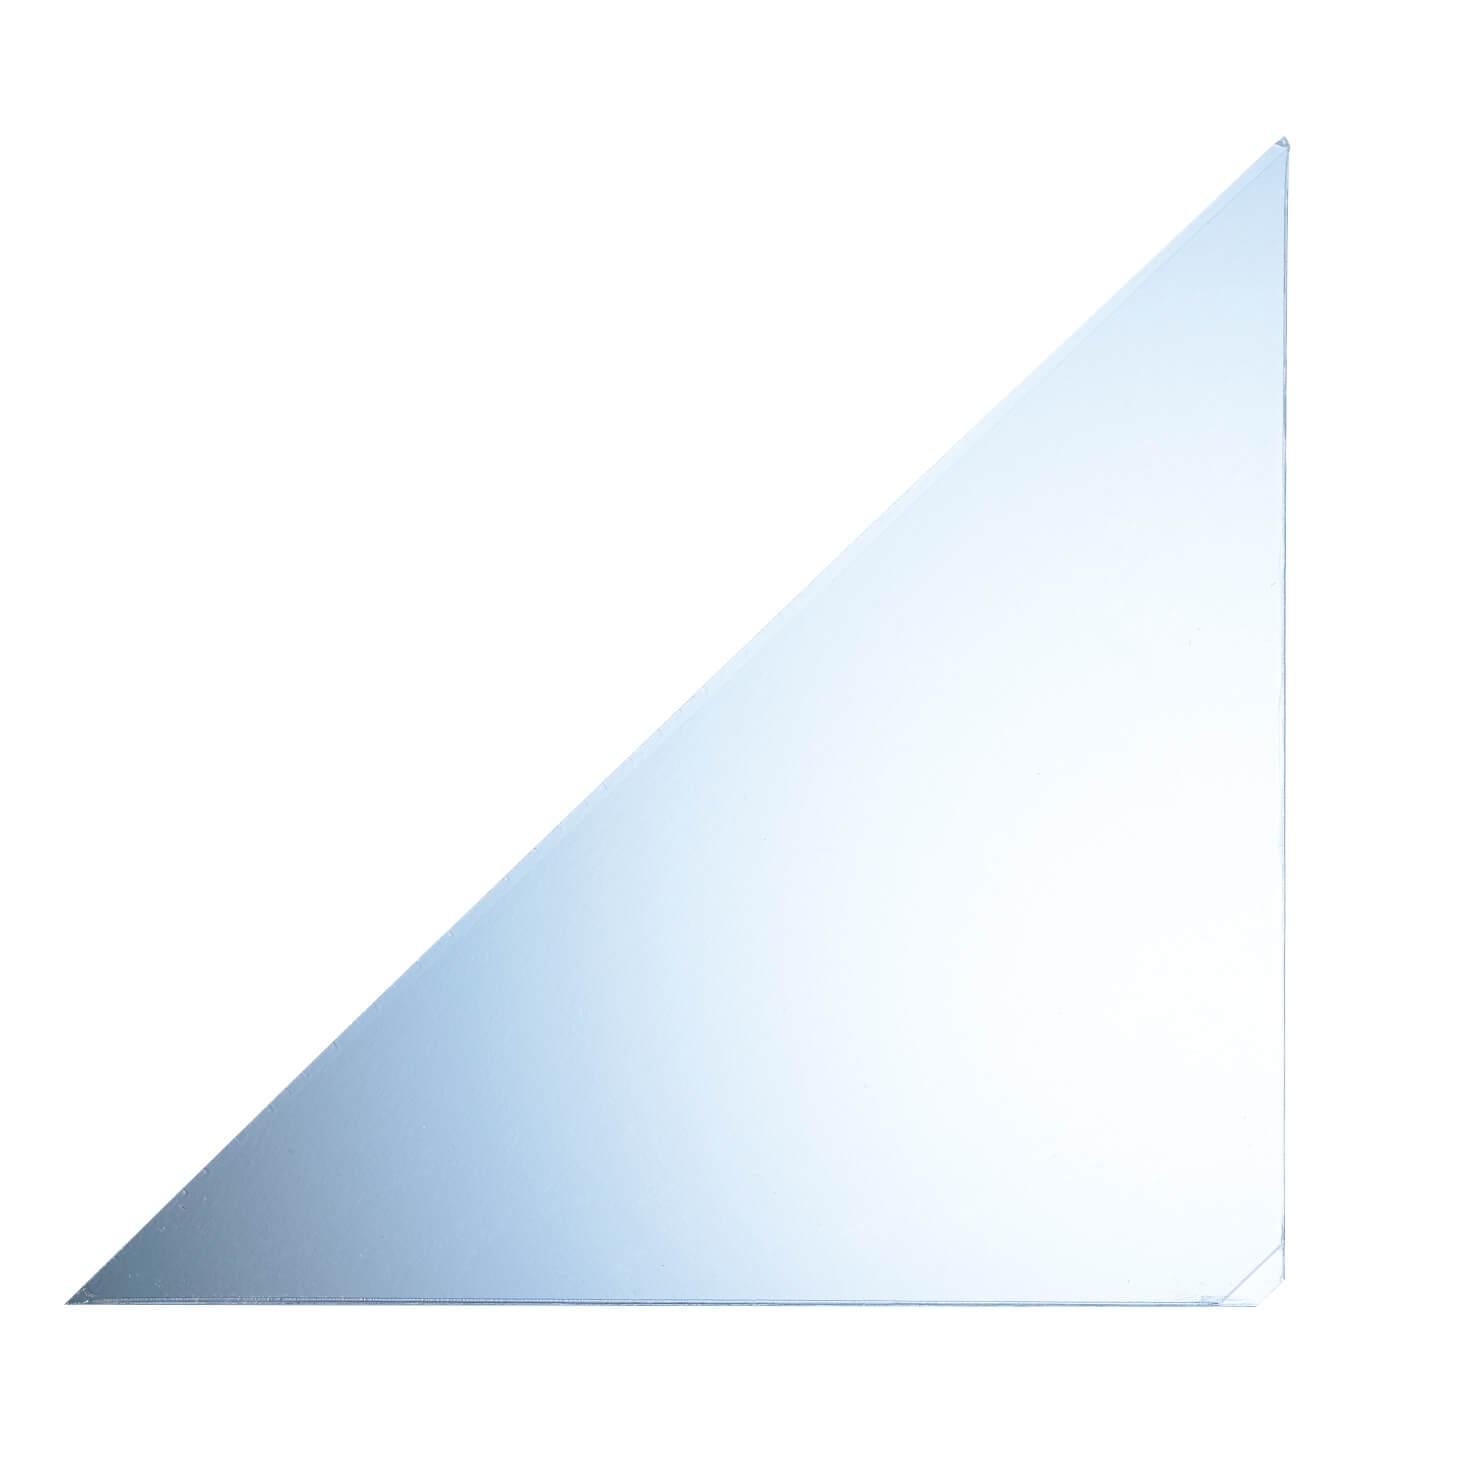 Transparente selbstklebende Dreiecktaschen 17 x 17 cm als Zusatzfach zum nachträglichen Ergänzen